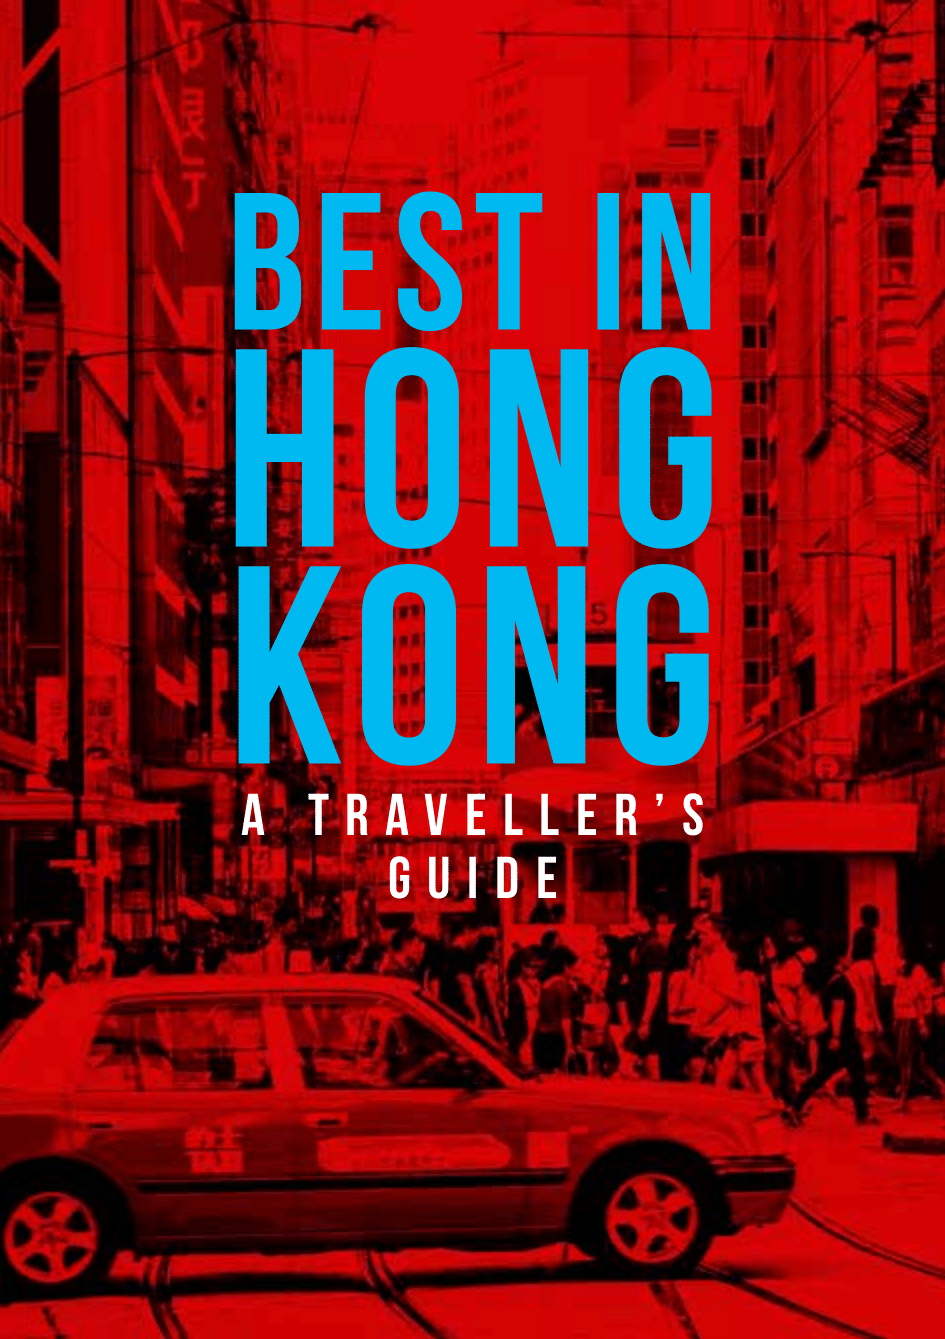 Travellers-Guide_2019_en-01.png